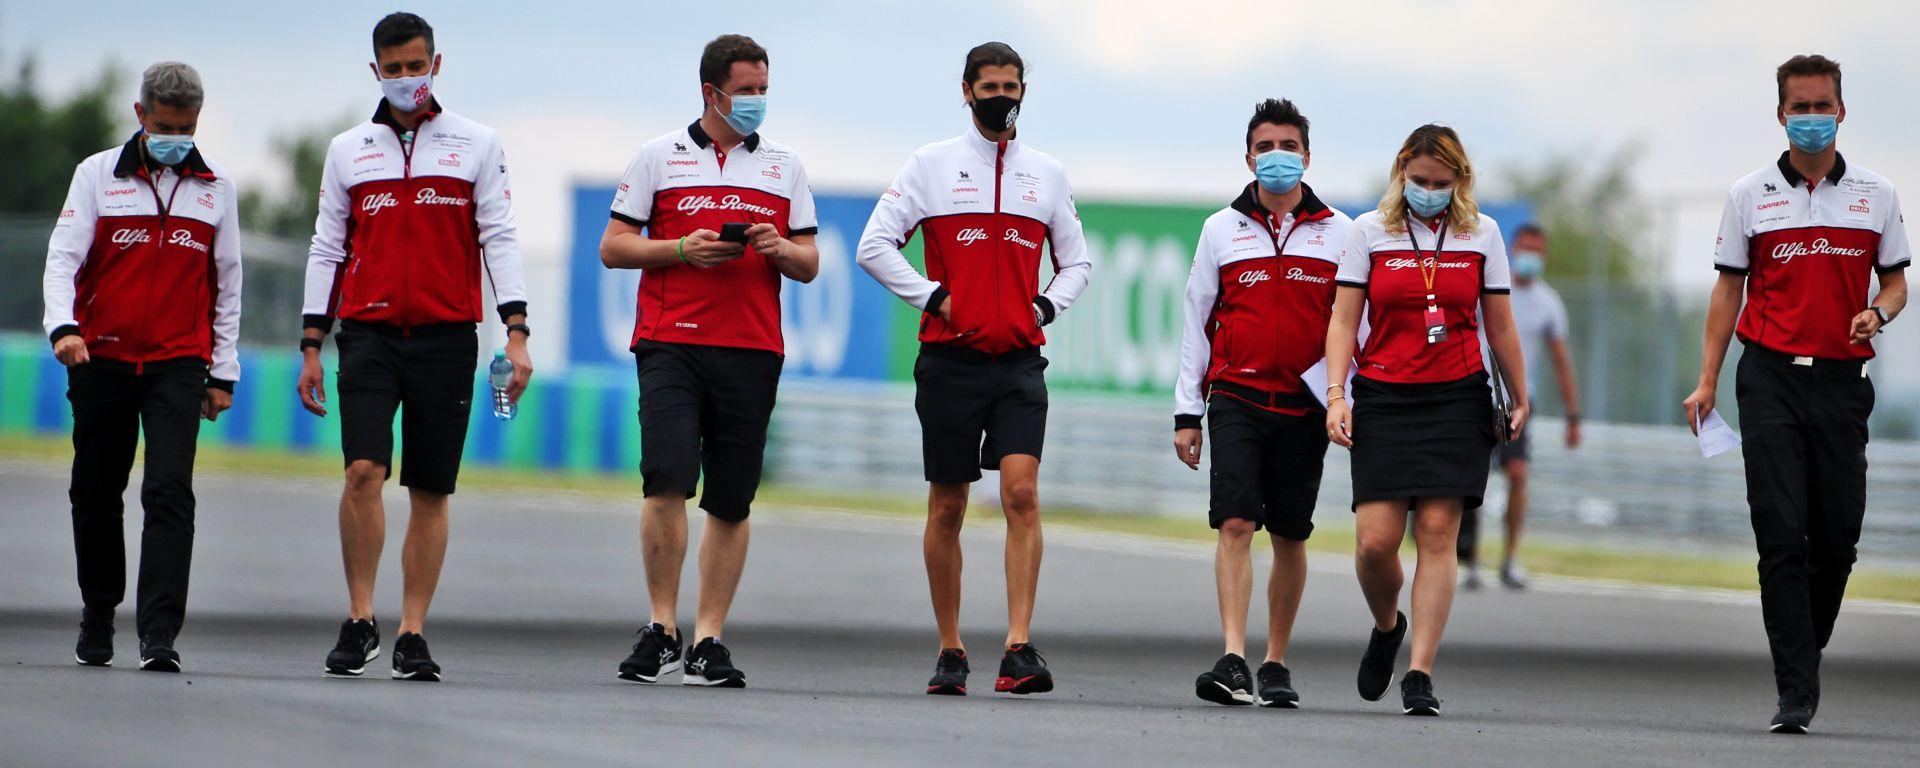 F1 2020: Antonio Giovinazzi e alcuni membri del team Alfa Romeo